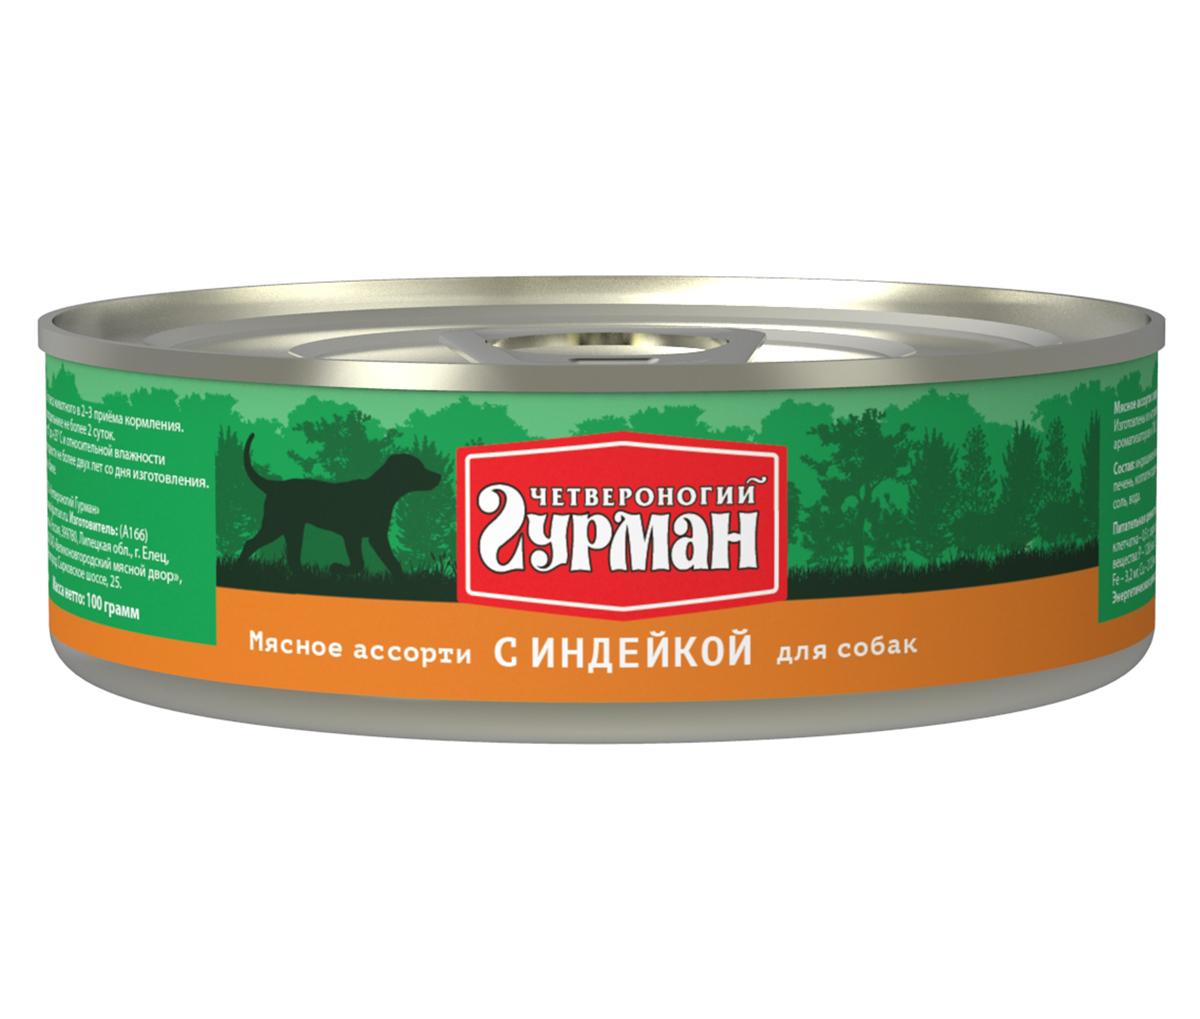 Консервы для собак Четвероногий гурман Мясное ассорти, с индейкой, 100 г. 103101004103101004Консервы для собак Четвероногий гурман Мясное ассорти - это влажный мясной корм суперпремиум класса, состоящий из разных сортов мяса и качественных субпродуктов. Корм не содержит синтетических витаминно-минеральных комплексов, злаков, бобовых и овощей. Никаких искусственных компонентов в составе: только натуральное, экологически чистое мясо от проверенных поставщиков. По консистенции продукт представляет собой кусочки из фарша размером 3-15 мм. В состав входит коллаген. Его компоненты (хондроитин и глюкозамин) положительно воздействуют на суставы питомца. Состав: индюшиное мясо (20%), сердце (16%), куриное мясо, легкое, рубец, печень, коллагенсодержащее сырье, животный белок, масло растительное, вода. Пищевая ценность (в 100 г продукта): протеин 12 г, жир 6,8 г, клетчатка 0,5 г, сырая зола 2 г, влага 80 г. Минеральные вещества: P 128,6 мг, Са 9,4 мг, Na 160 мг, Cl 203,4 мг, Mg 13,5 мг, Fe 3,2 мг, Cu 212,8 мкг, I 3,02 мкг. Витамины: А, E, В1, В2, B3, B5, B6. Энергетическая ценность (на 100 г): 110 ккал. Товар сертифицирован.